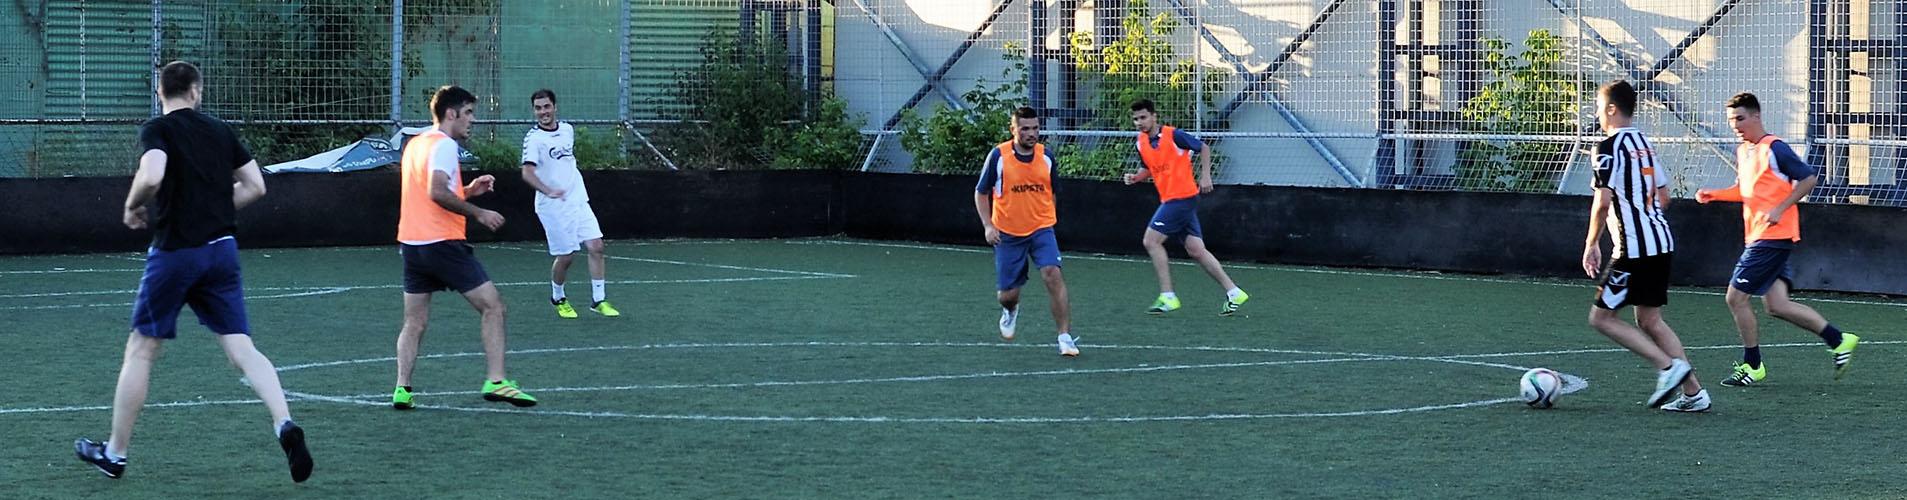 Baieti jucand fotbal pe un teren sintetic de fotbal de la Clubul Popeci